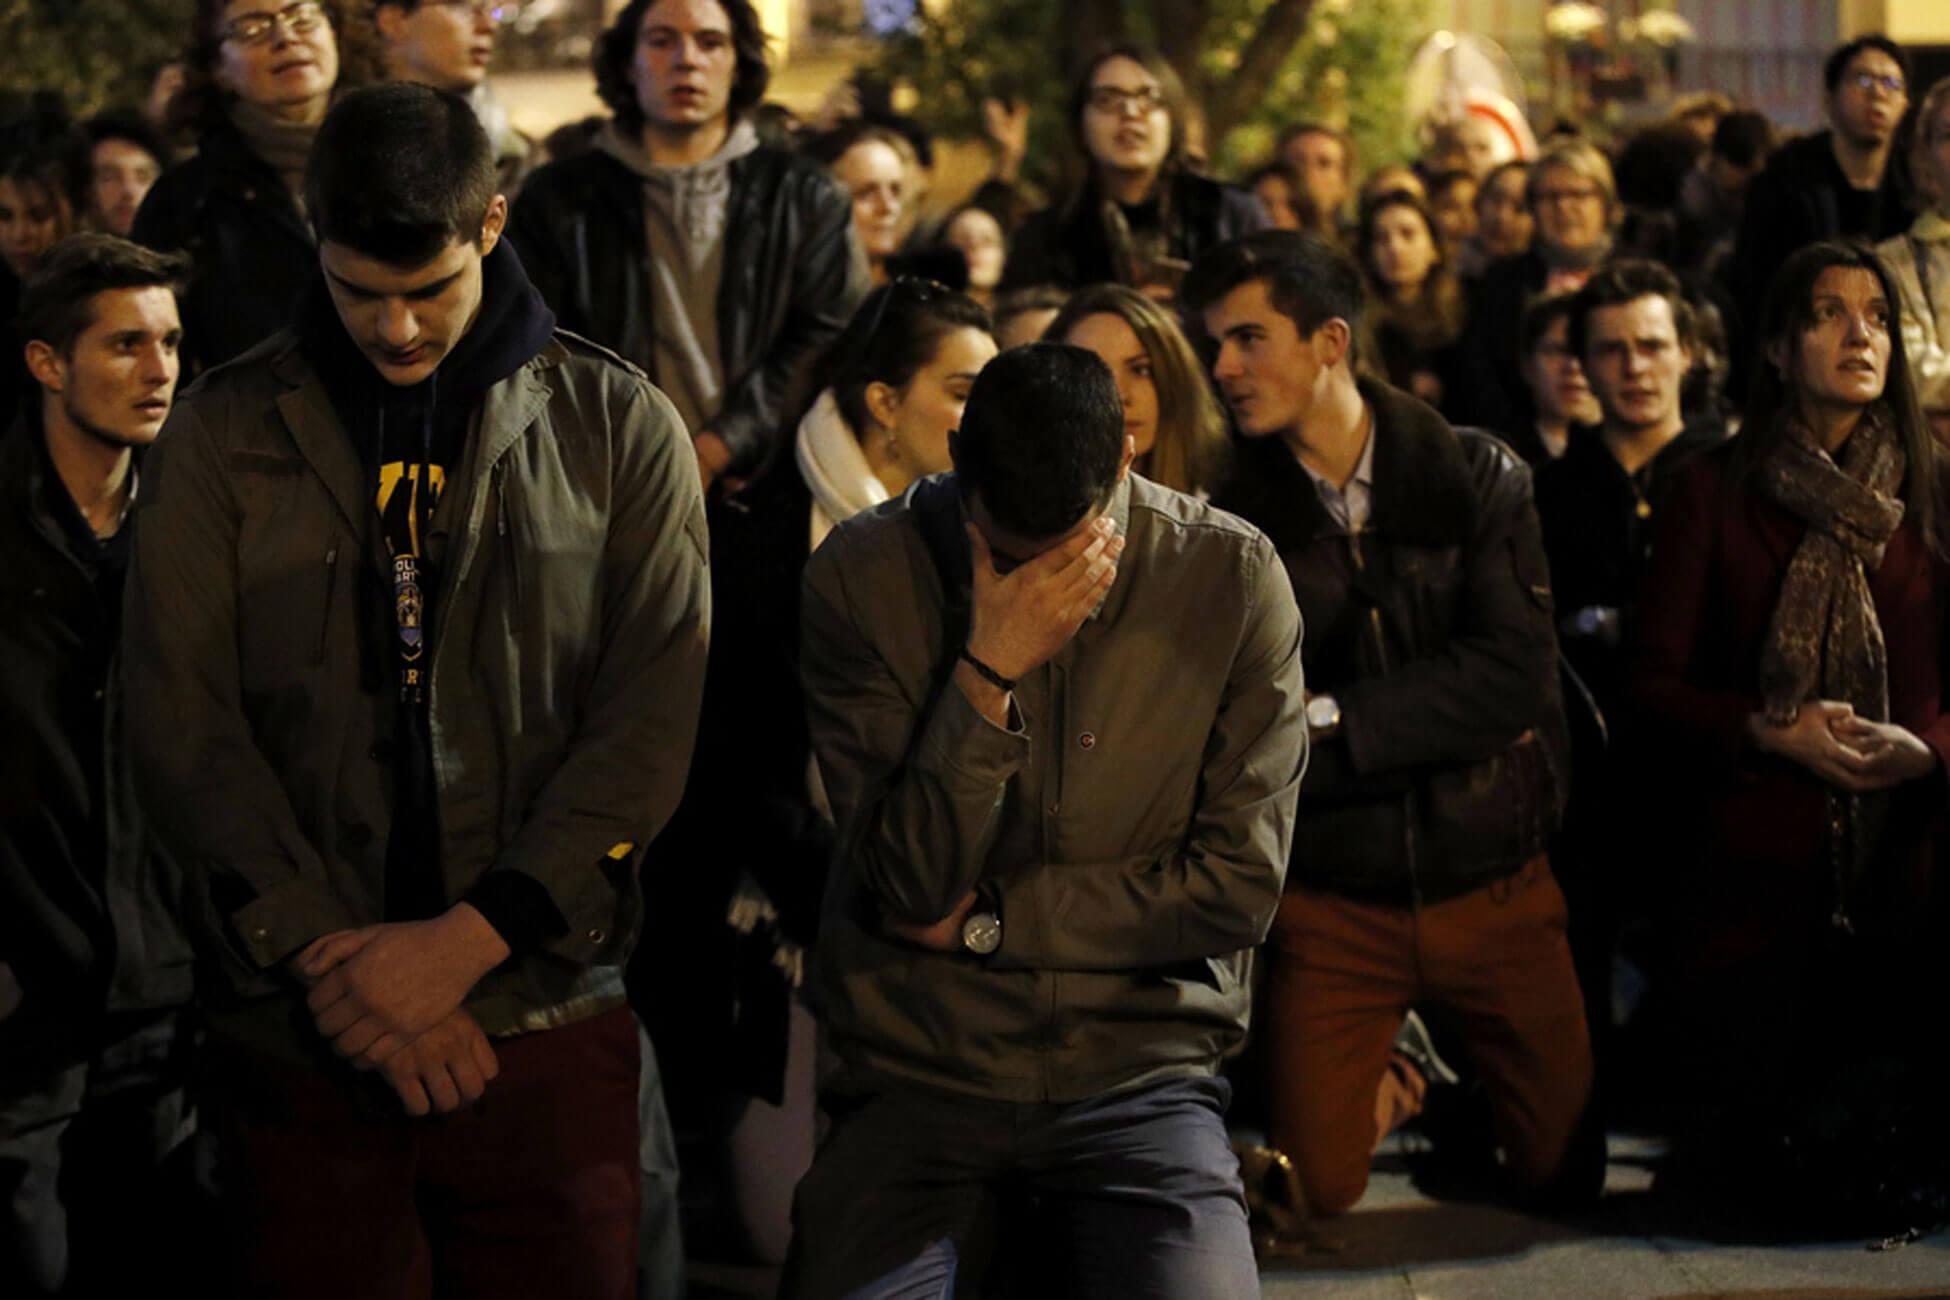 Θεέ μου, τι σου κάναμε; Θρήνος για την Παναγιά των Παρισίων – Συγκεντρωμένοι Γάλλοι και τουρίστες, προσεύχονται για το θαύμα